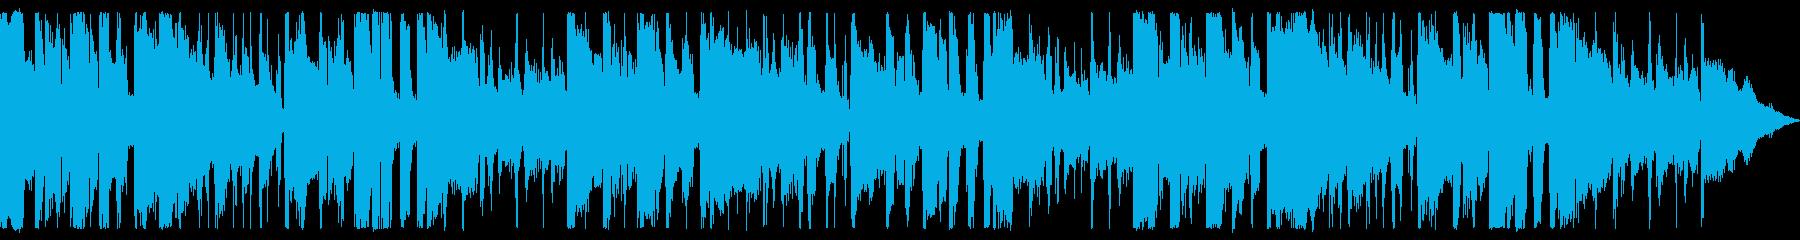 ジャズとポップの中間に位置するこの...の再生済みの波形